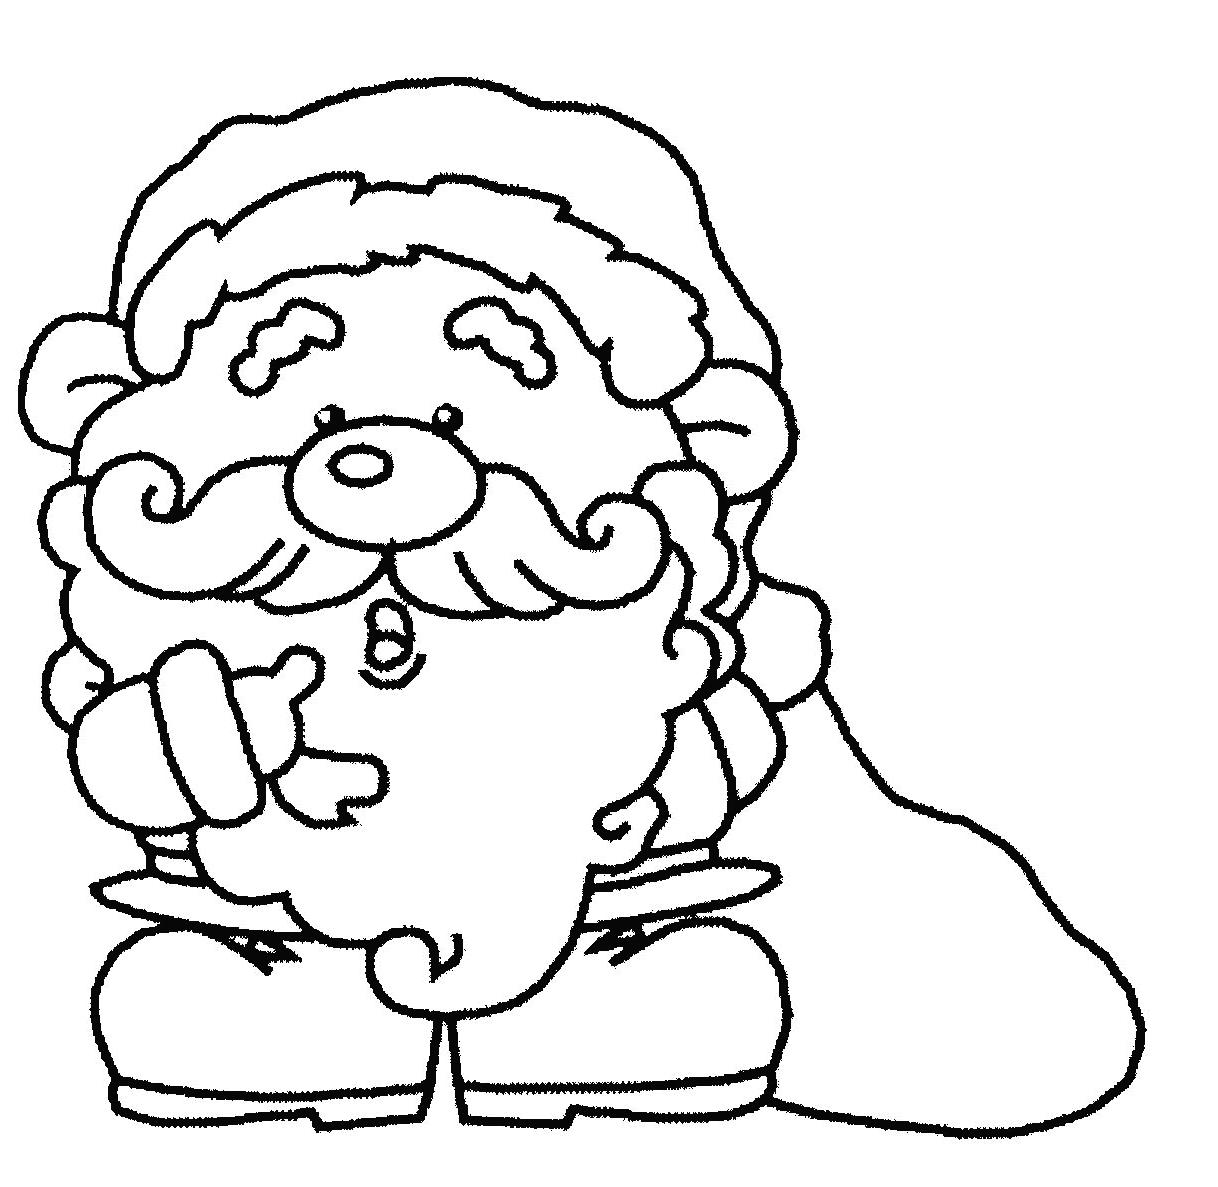 Père Noël #129 (Personnages) – Coloriages À Imprimer pour Coloriage De Pere Noel A Imprimer Gratuitement